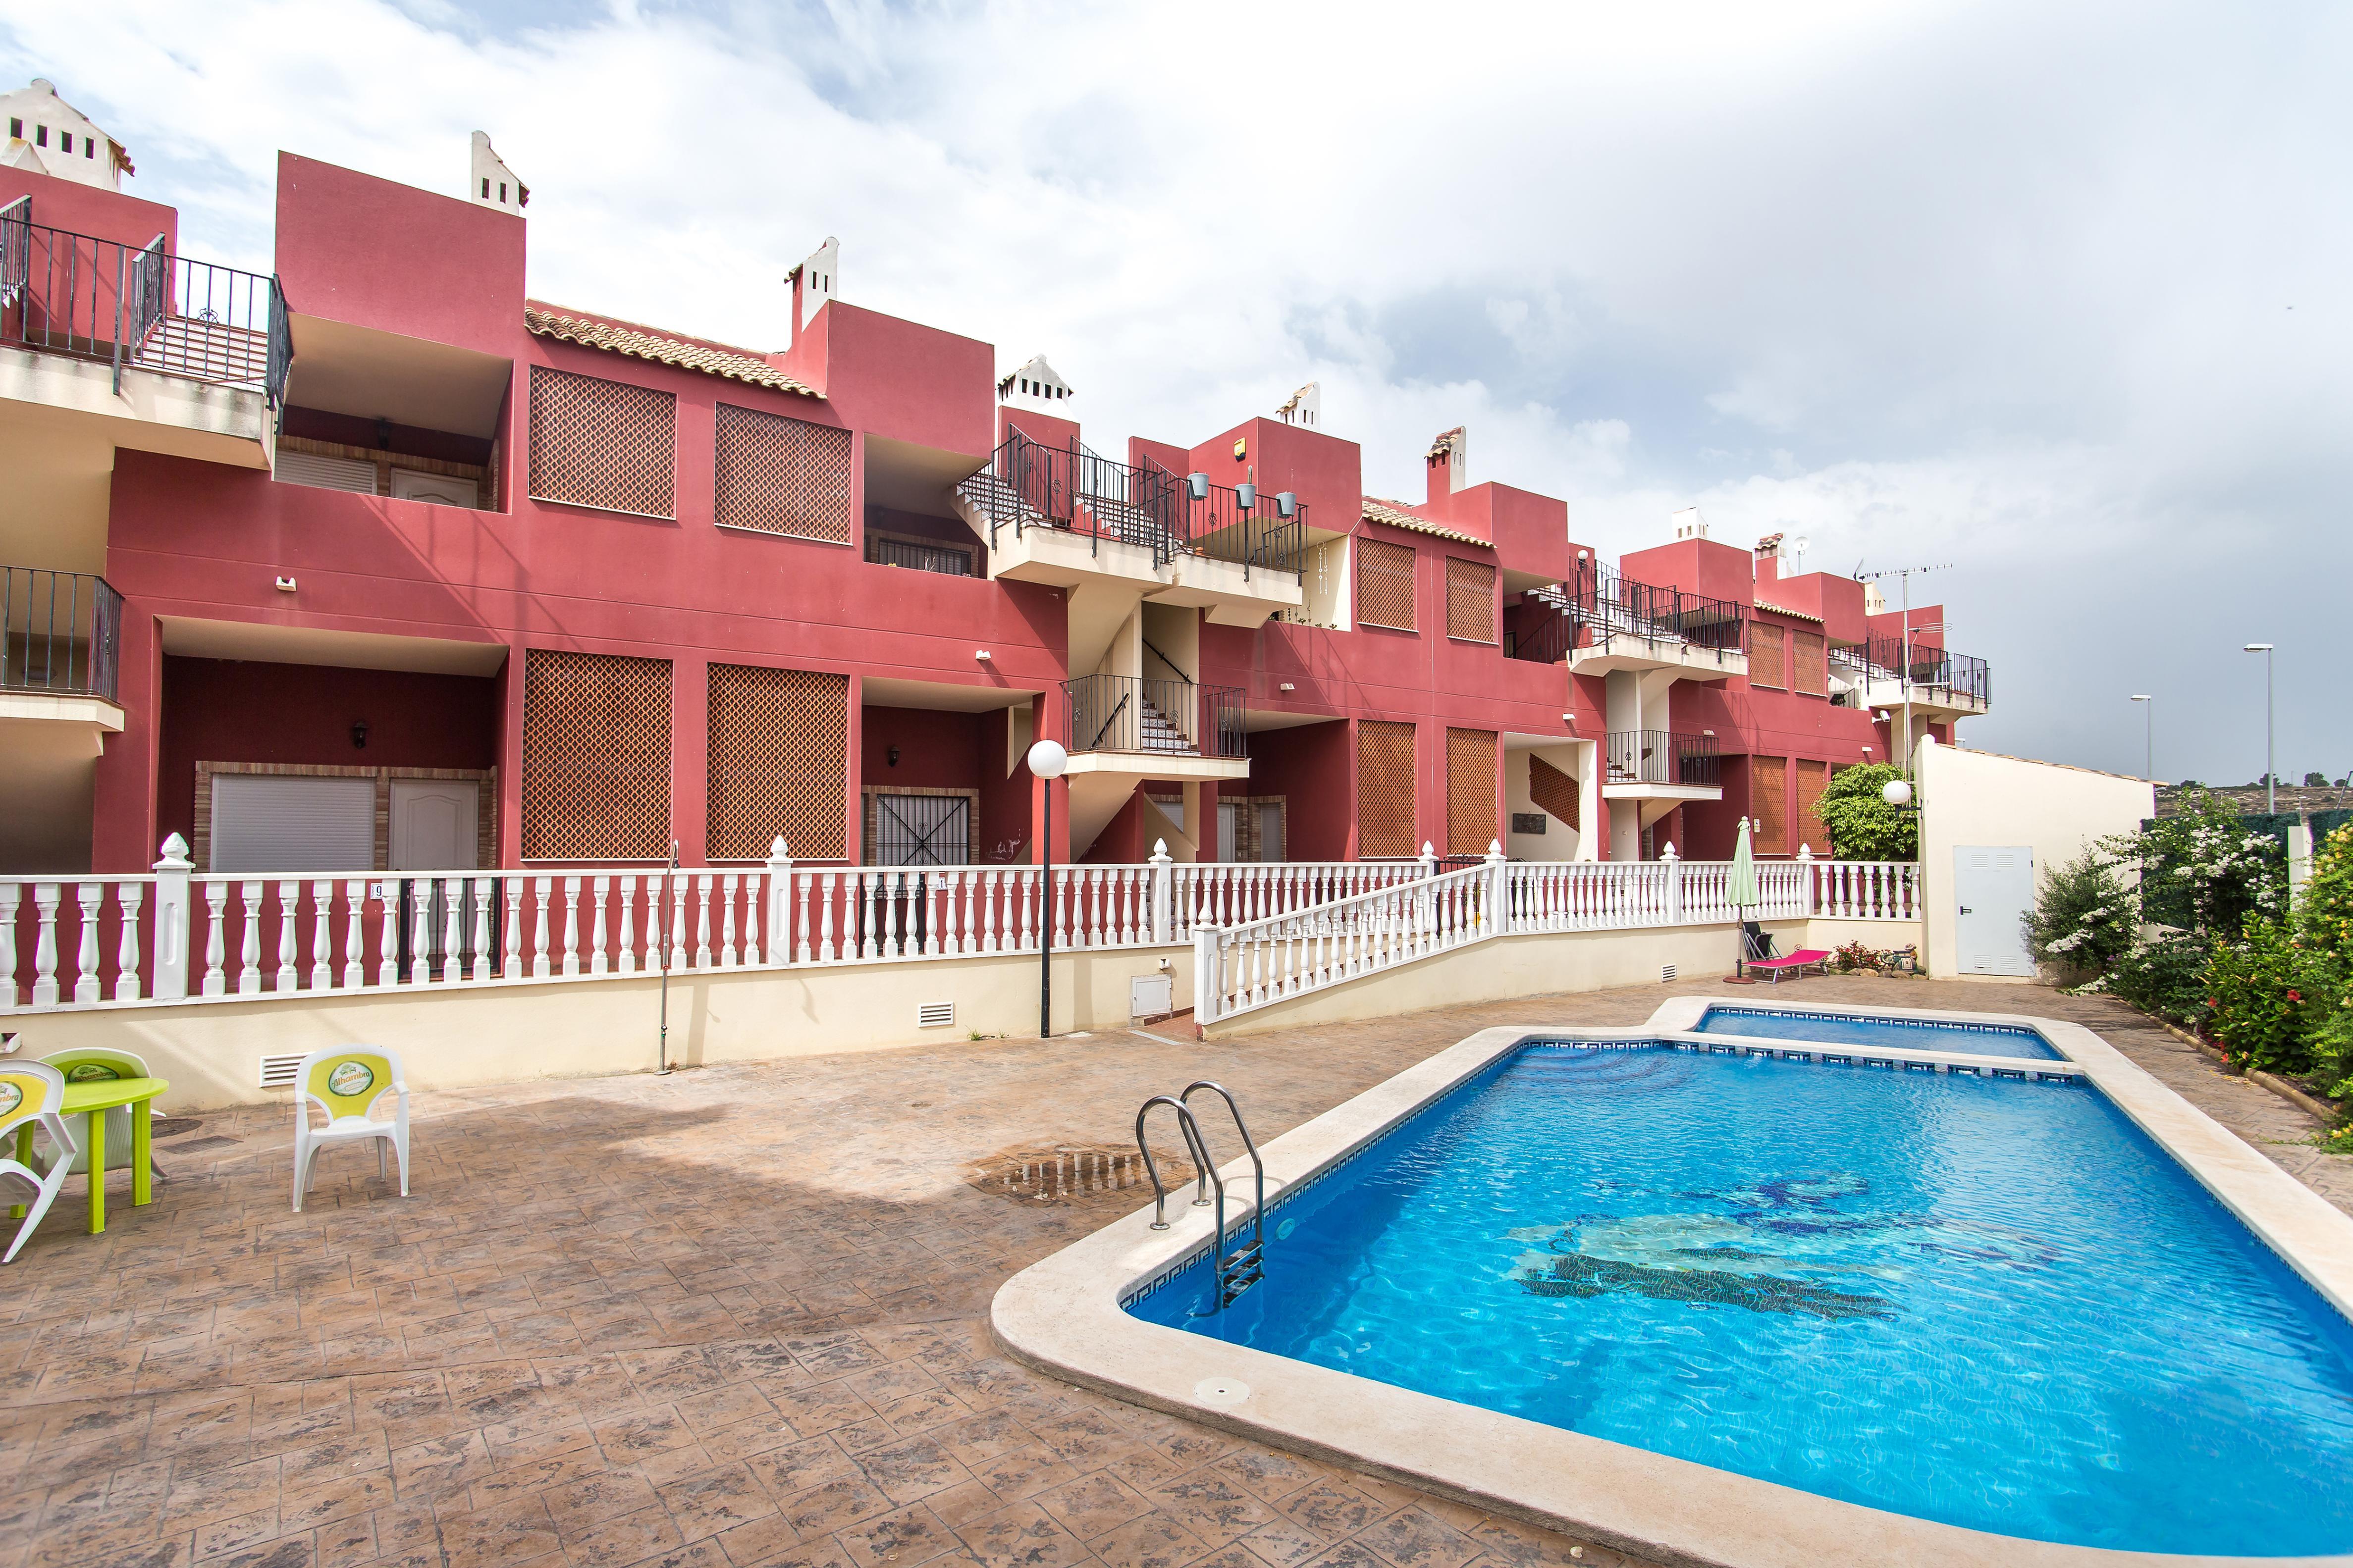 Piso en venta en Torremendo, Orihuela, Alicante, Urbanización El Mirador I, 48.000 €, 2 habitaciones, 2 baños, 71 m2